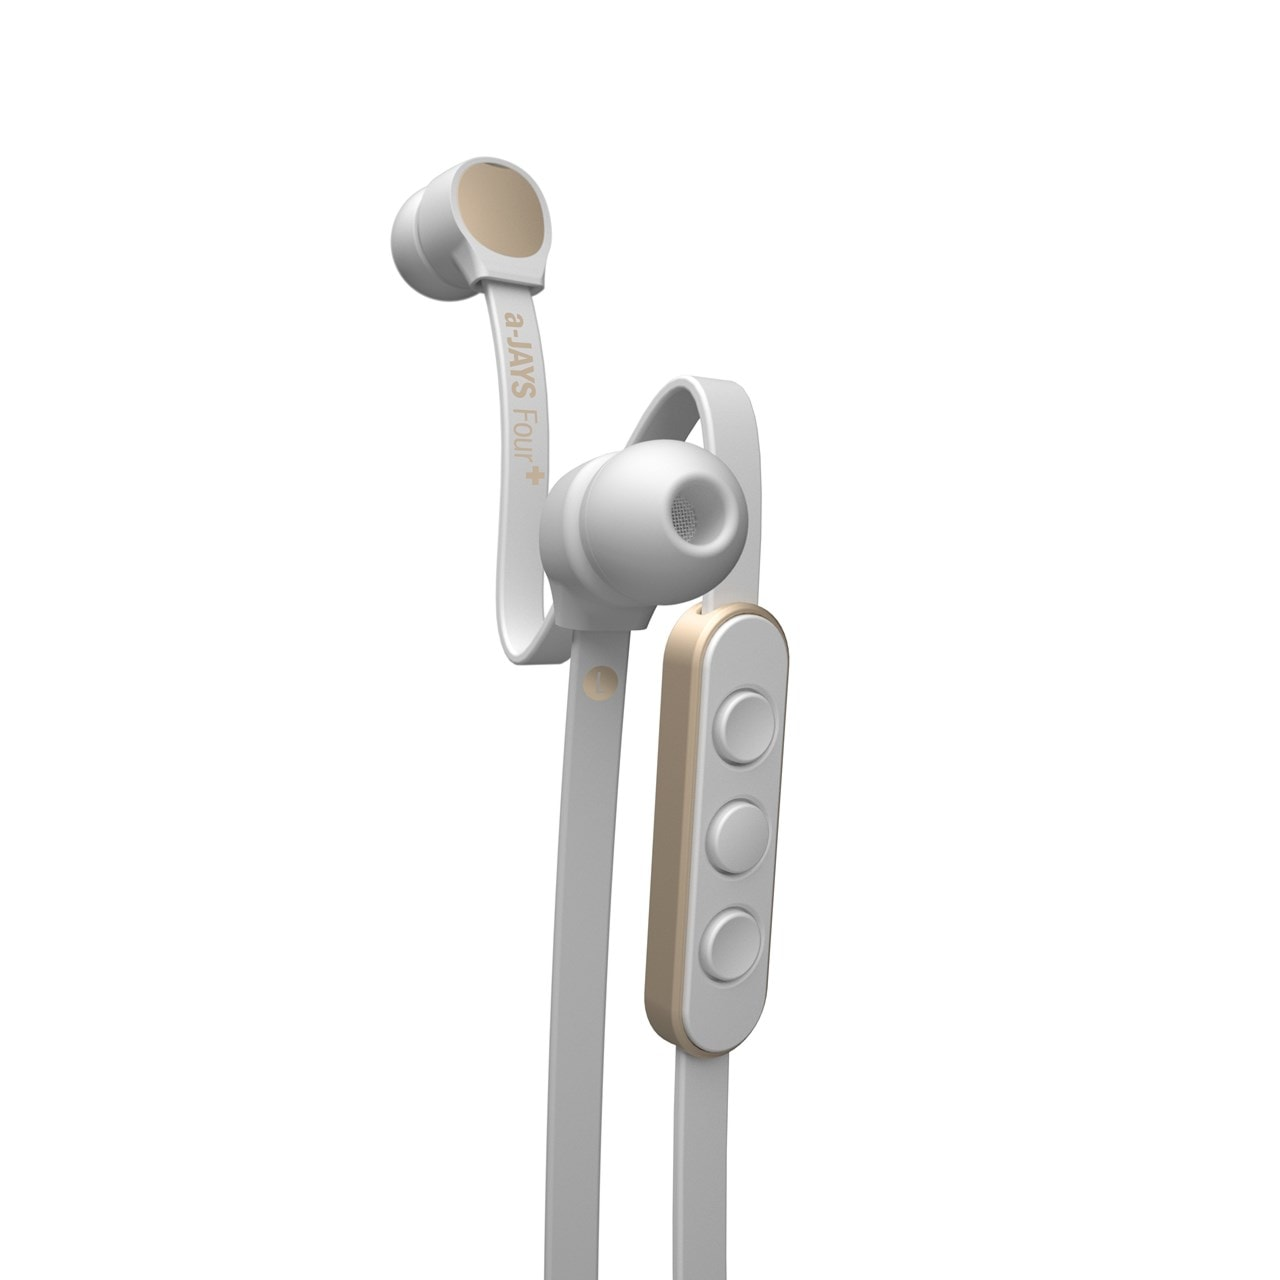 Jays A-Jays Four+ iOS White/Gold Earphones - 1